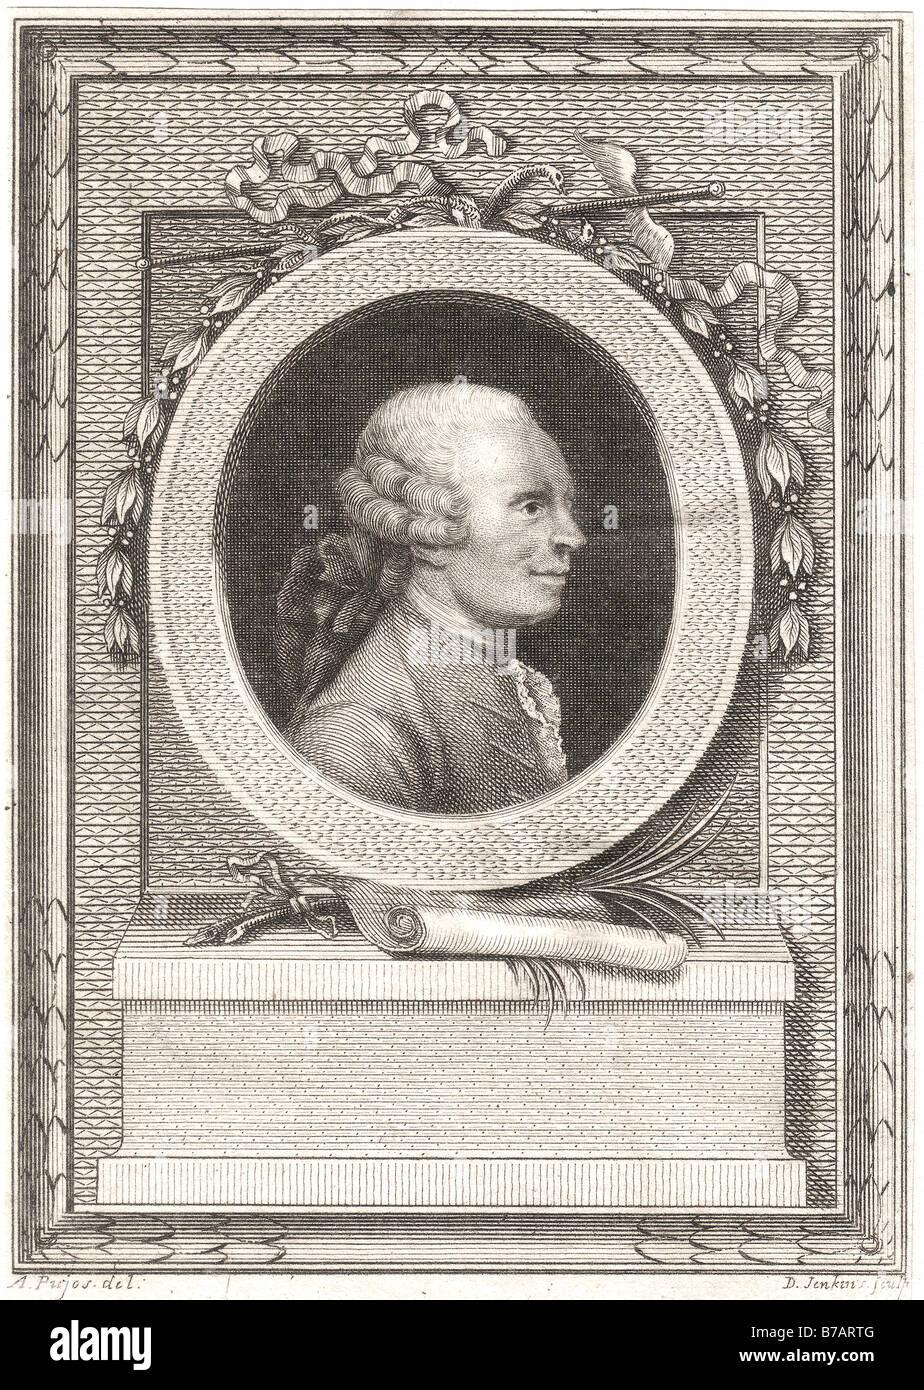 Jean Le Rond d'Alembert (16 novembre 1717 - Le 29 octobre 1783) était un mathématicien français, Photo Stock